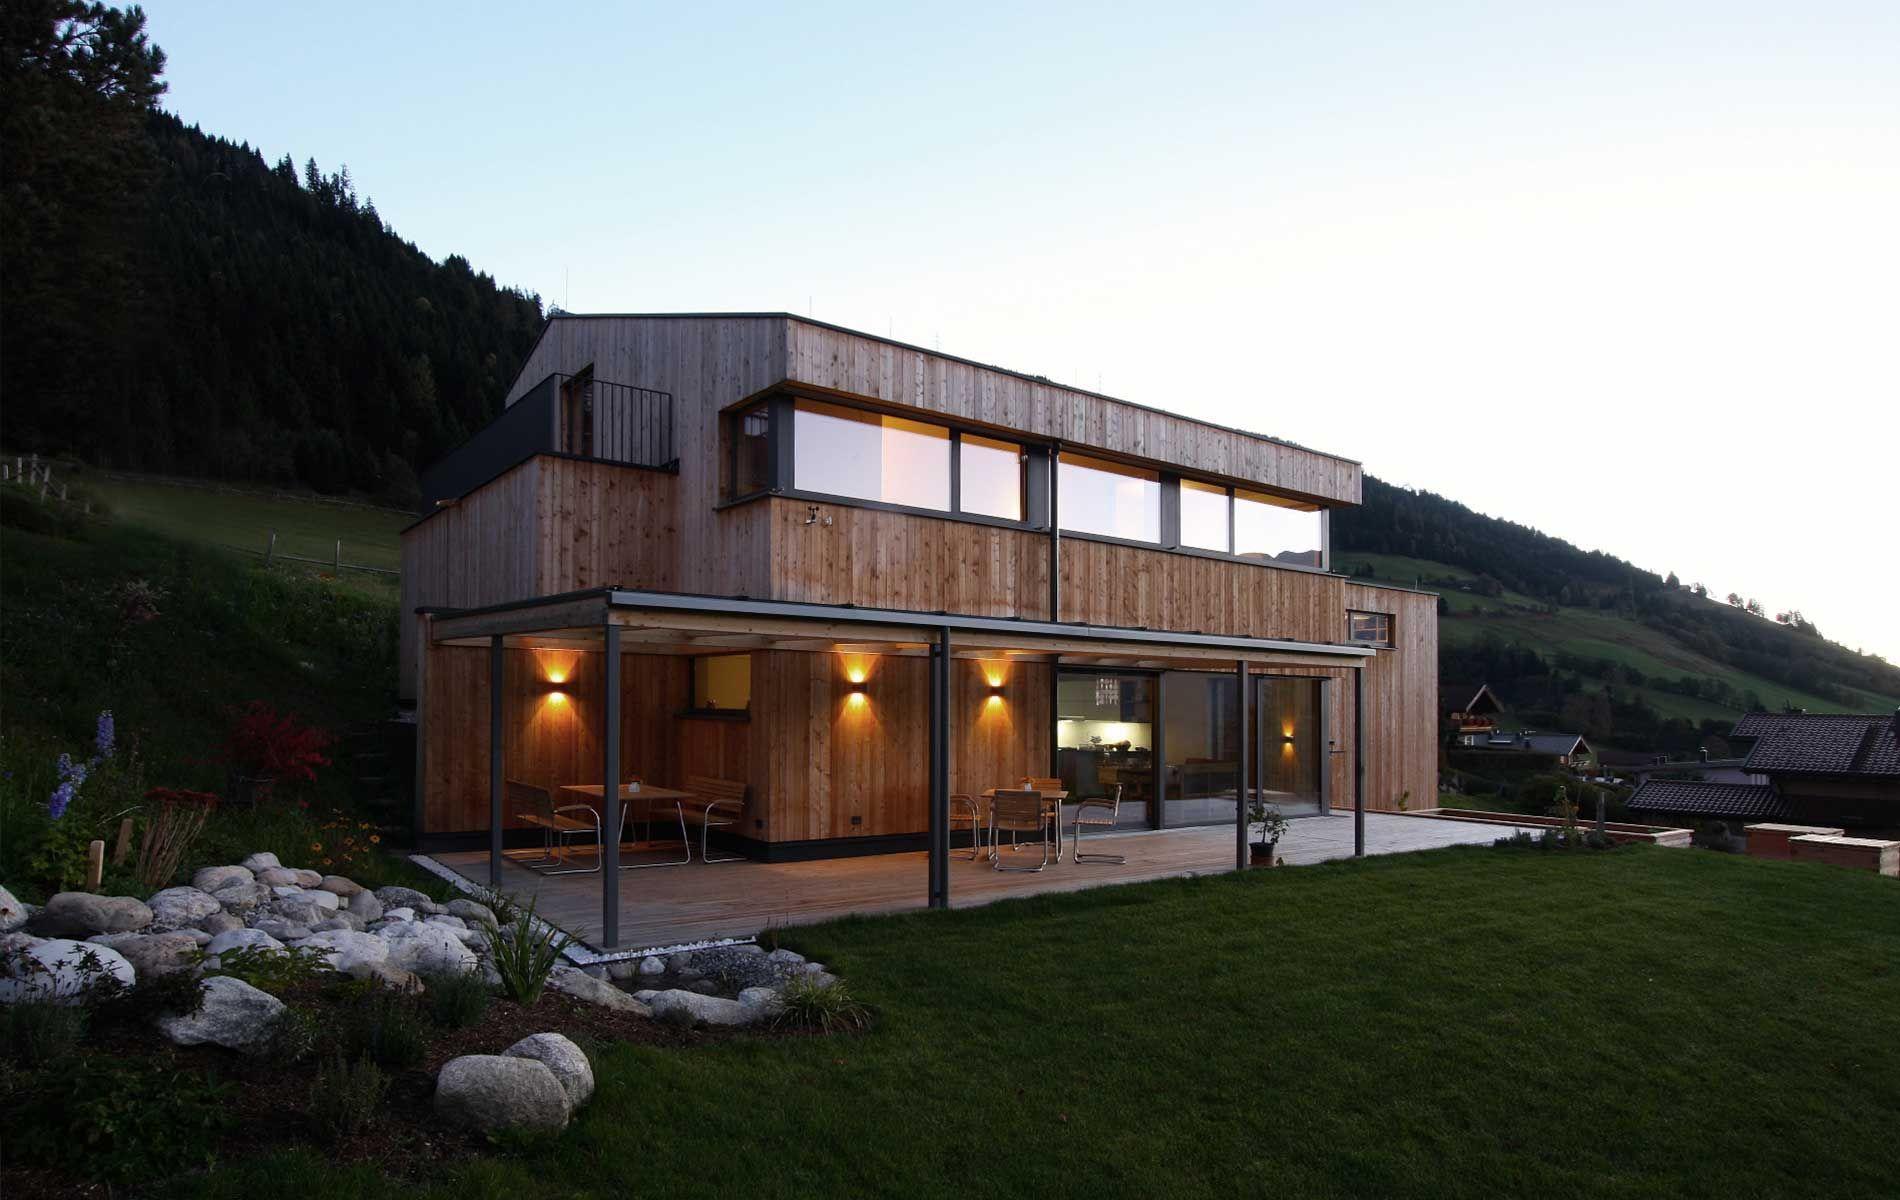 Einfamilienhaus holzhaus modern was wir bauen for Architektur einfamilienhaus grundrisse